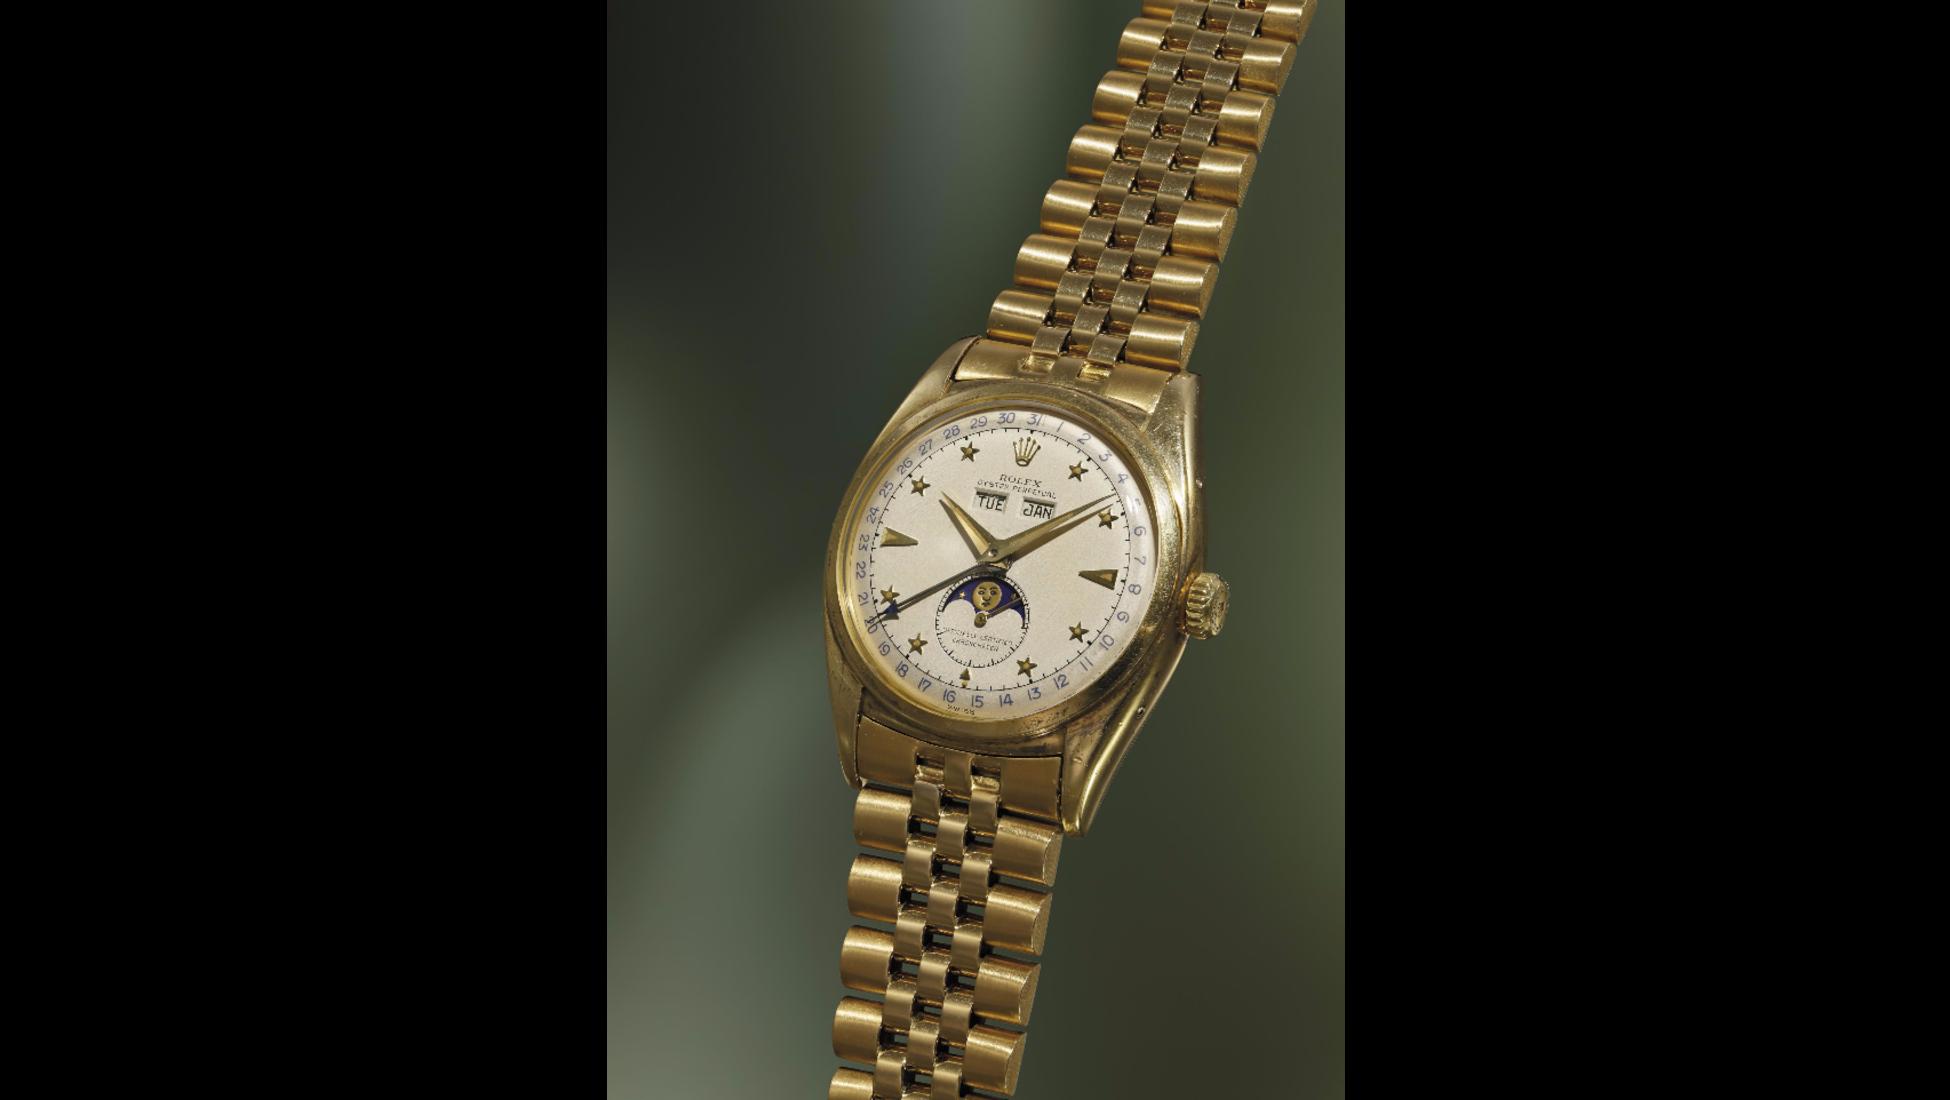 fb505612b9d 5 dos relógios Rolex mais excecionais alguma vez vendidos - Catawiki